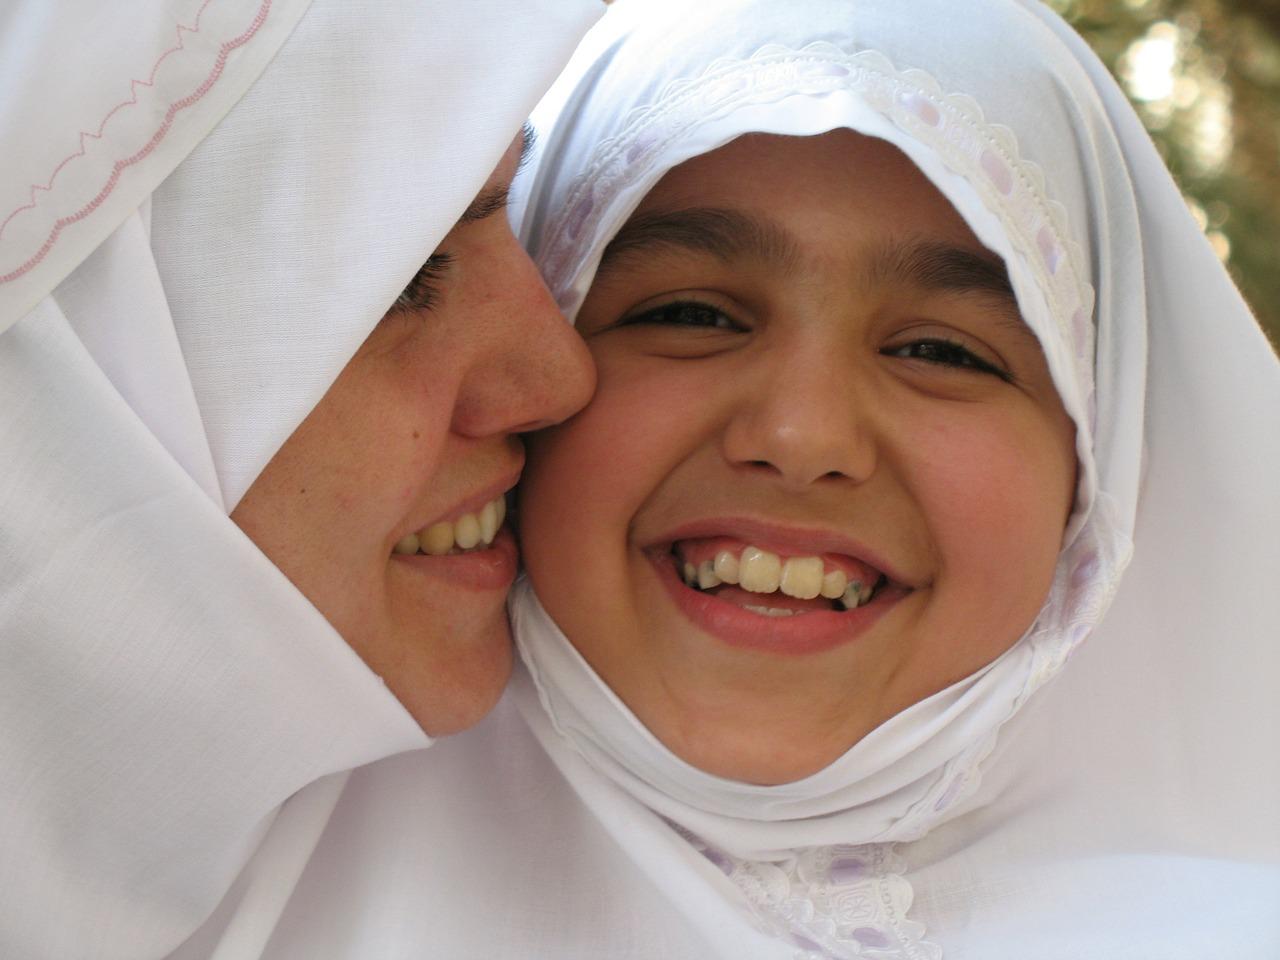 Doa Penuh Harapan di Hari Ulang Tahun Nuansa Islami